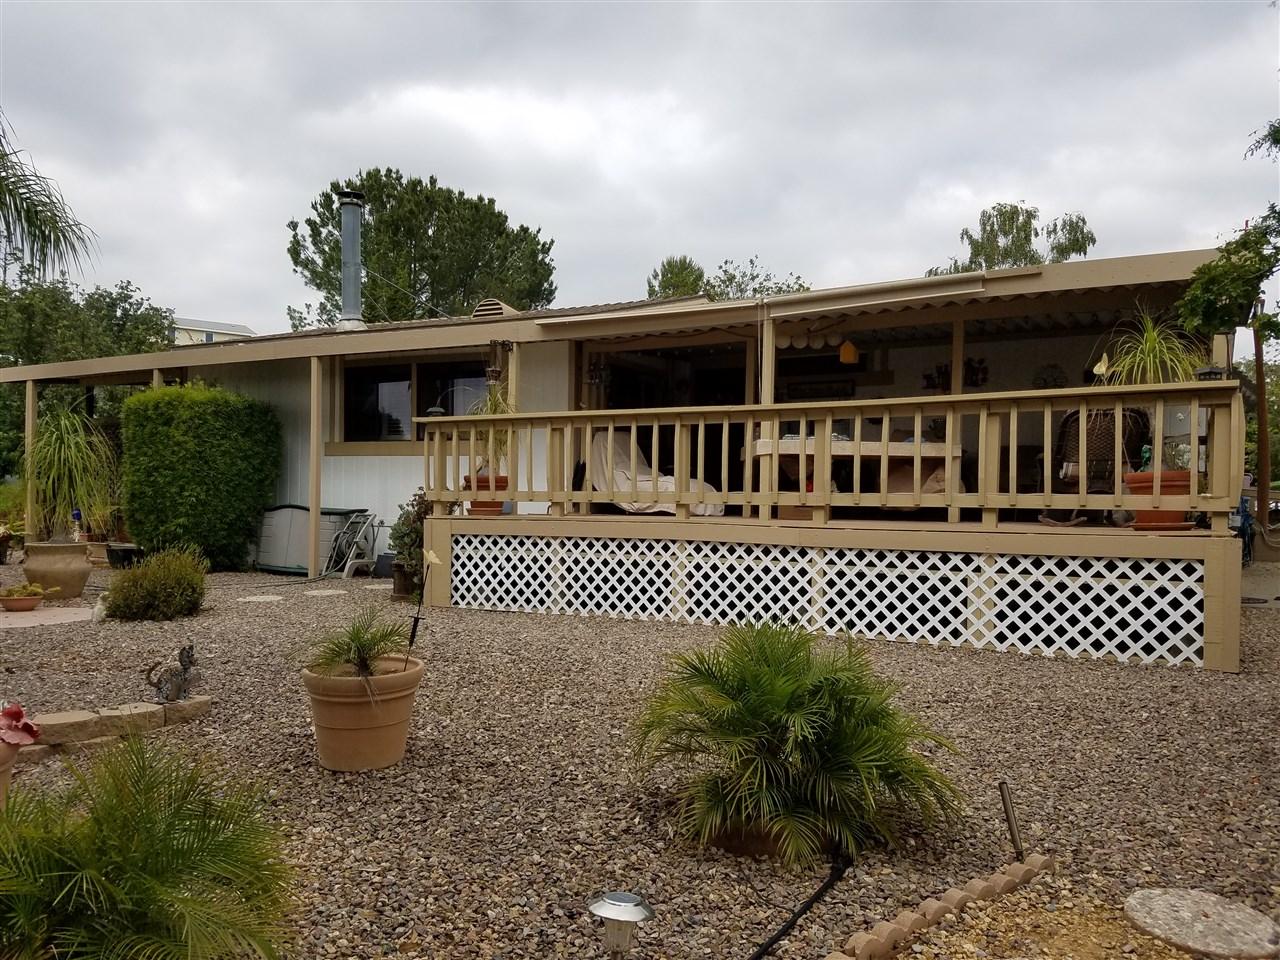 18218 Paradise Mountain Rd #185, Valley Center, CA 92082